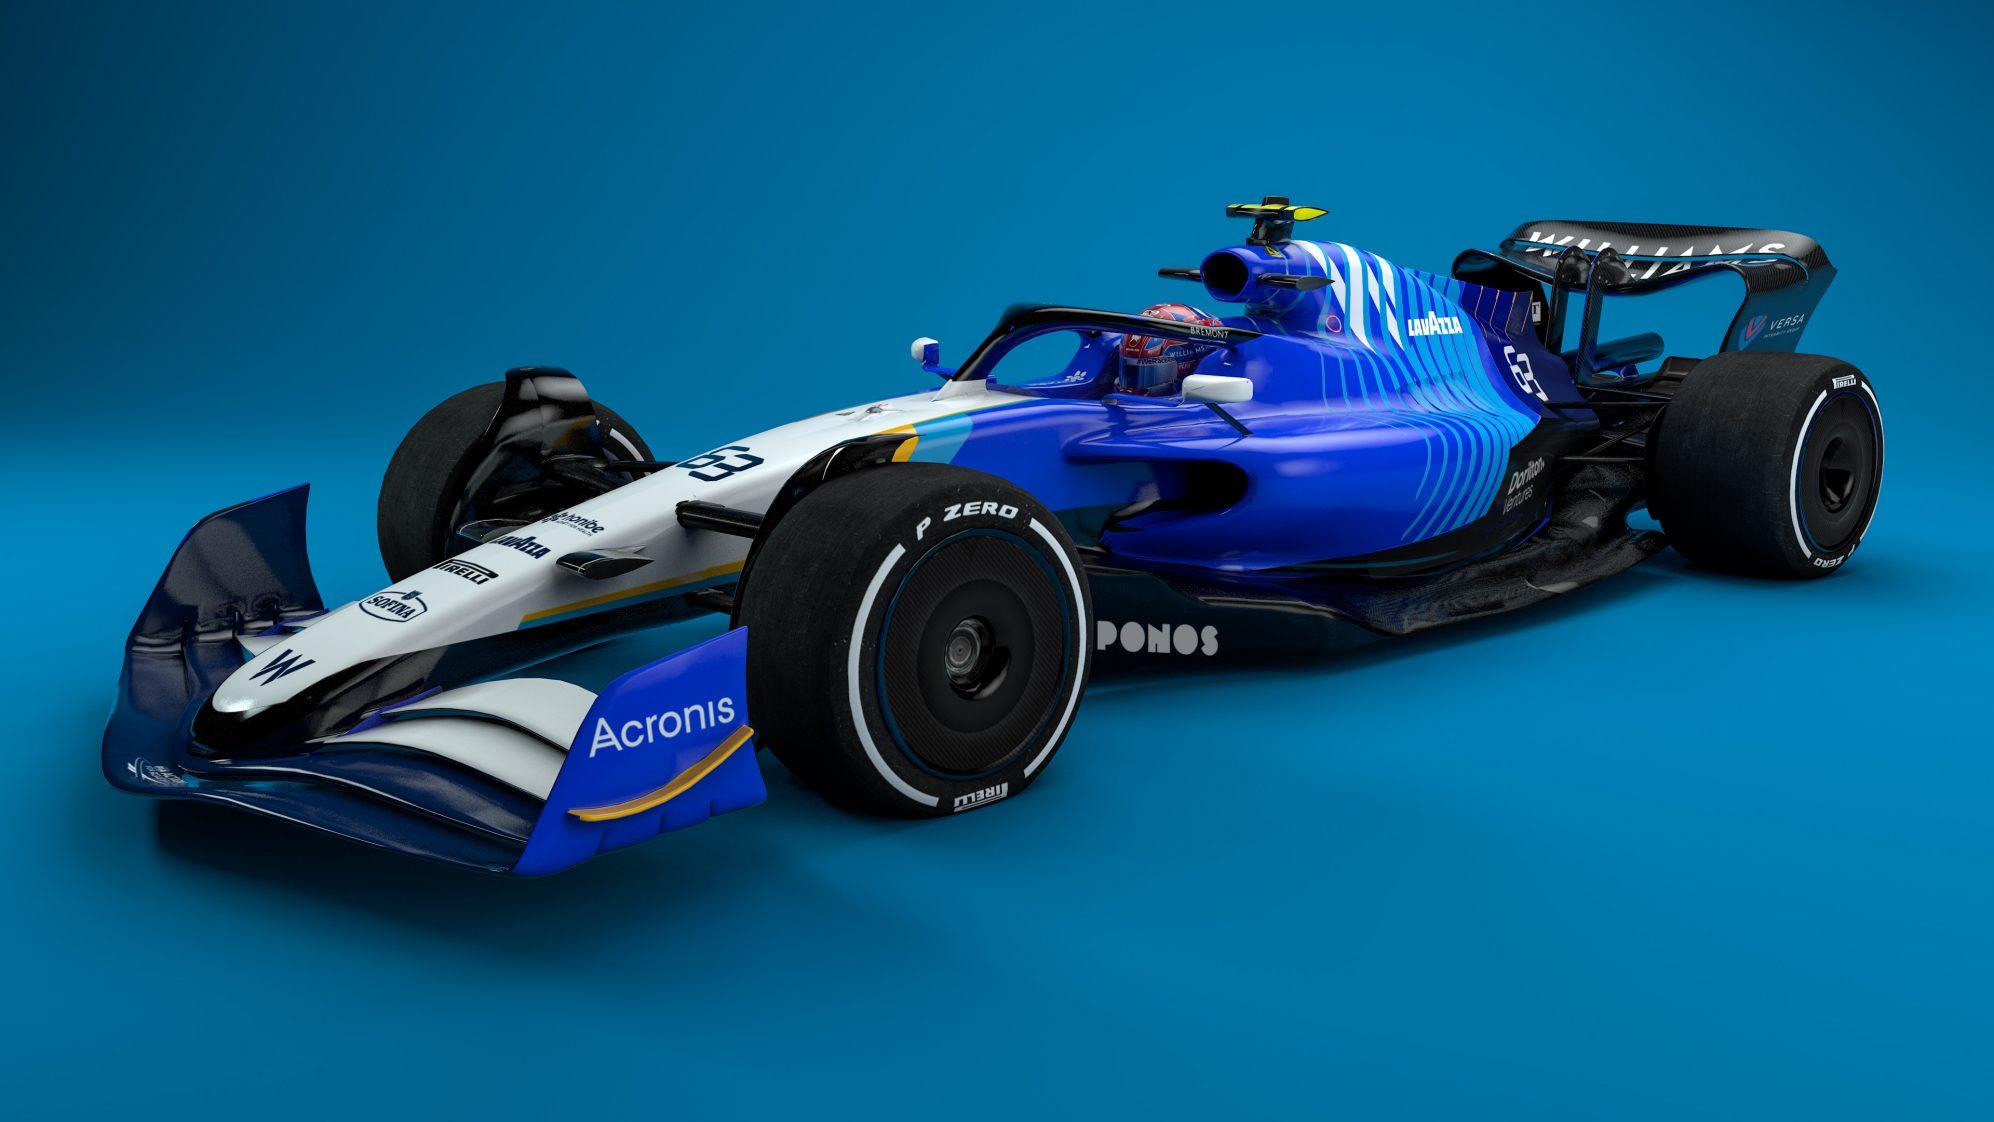 IMPERDÍVEL: Confira as pinturas das equipes de 2021 no carro de F1 de 2022 - estão ótimas!